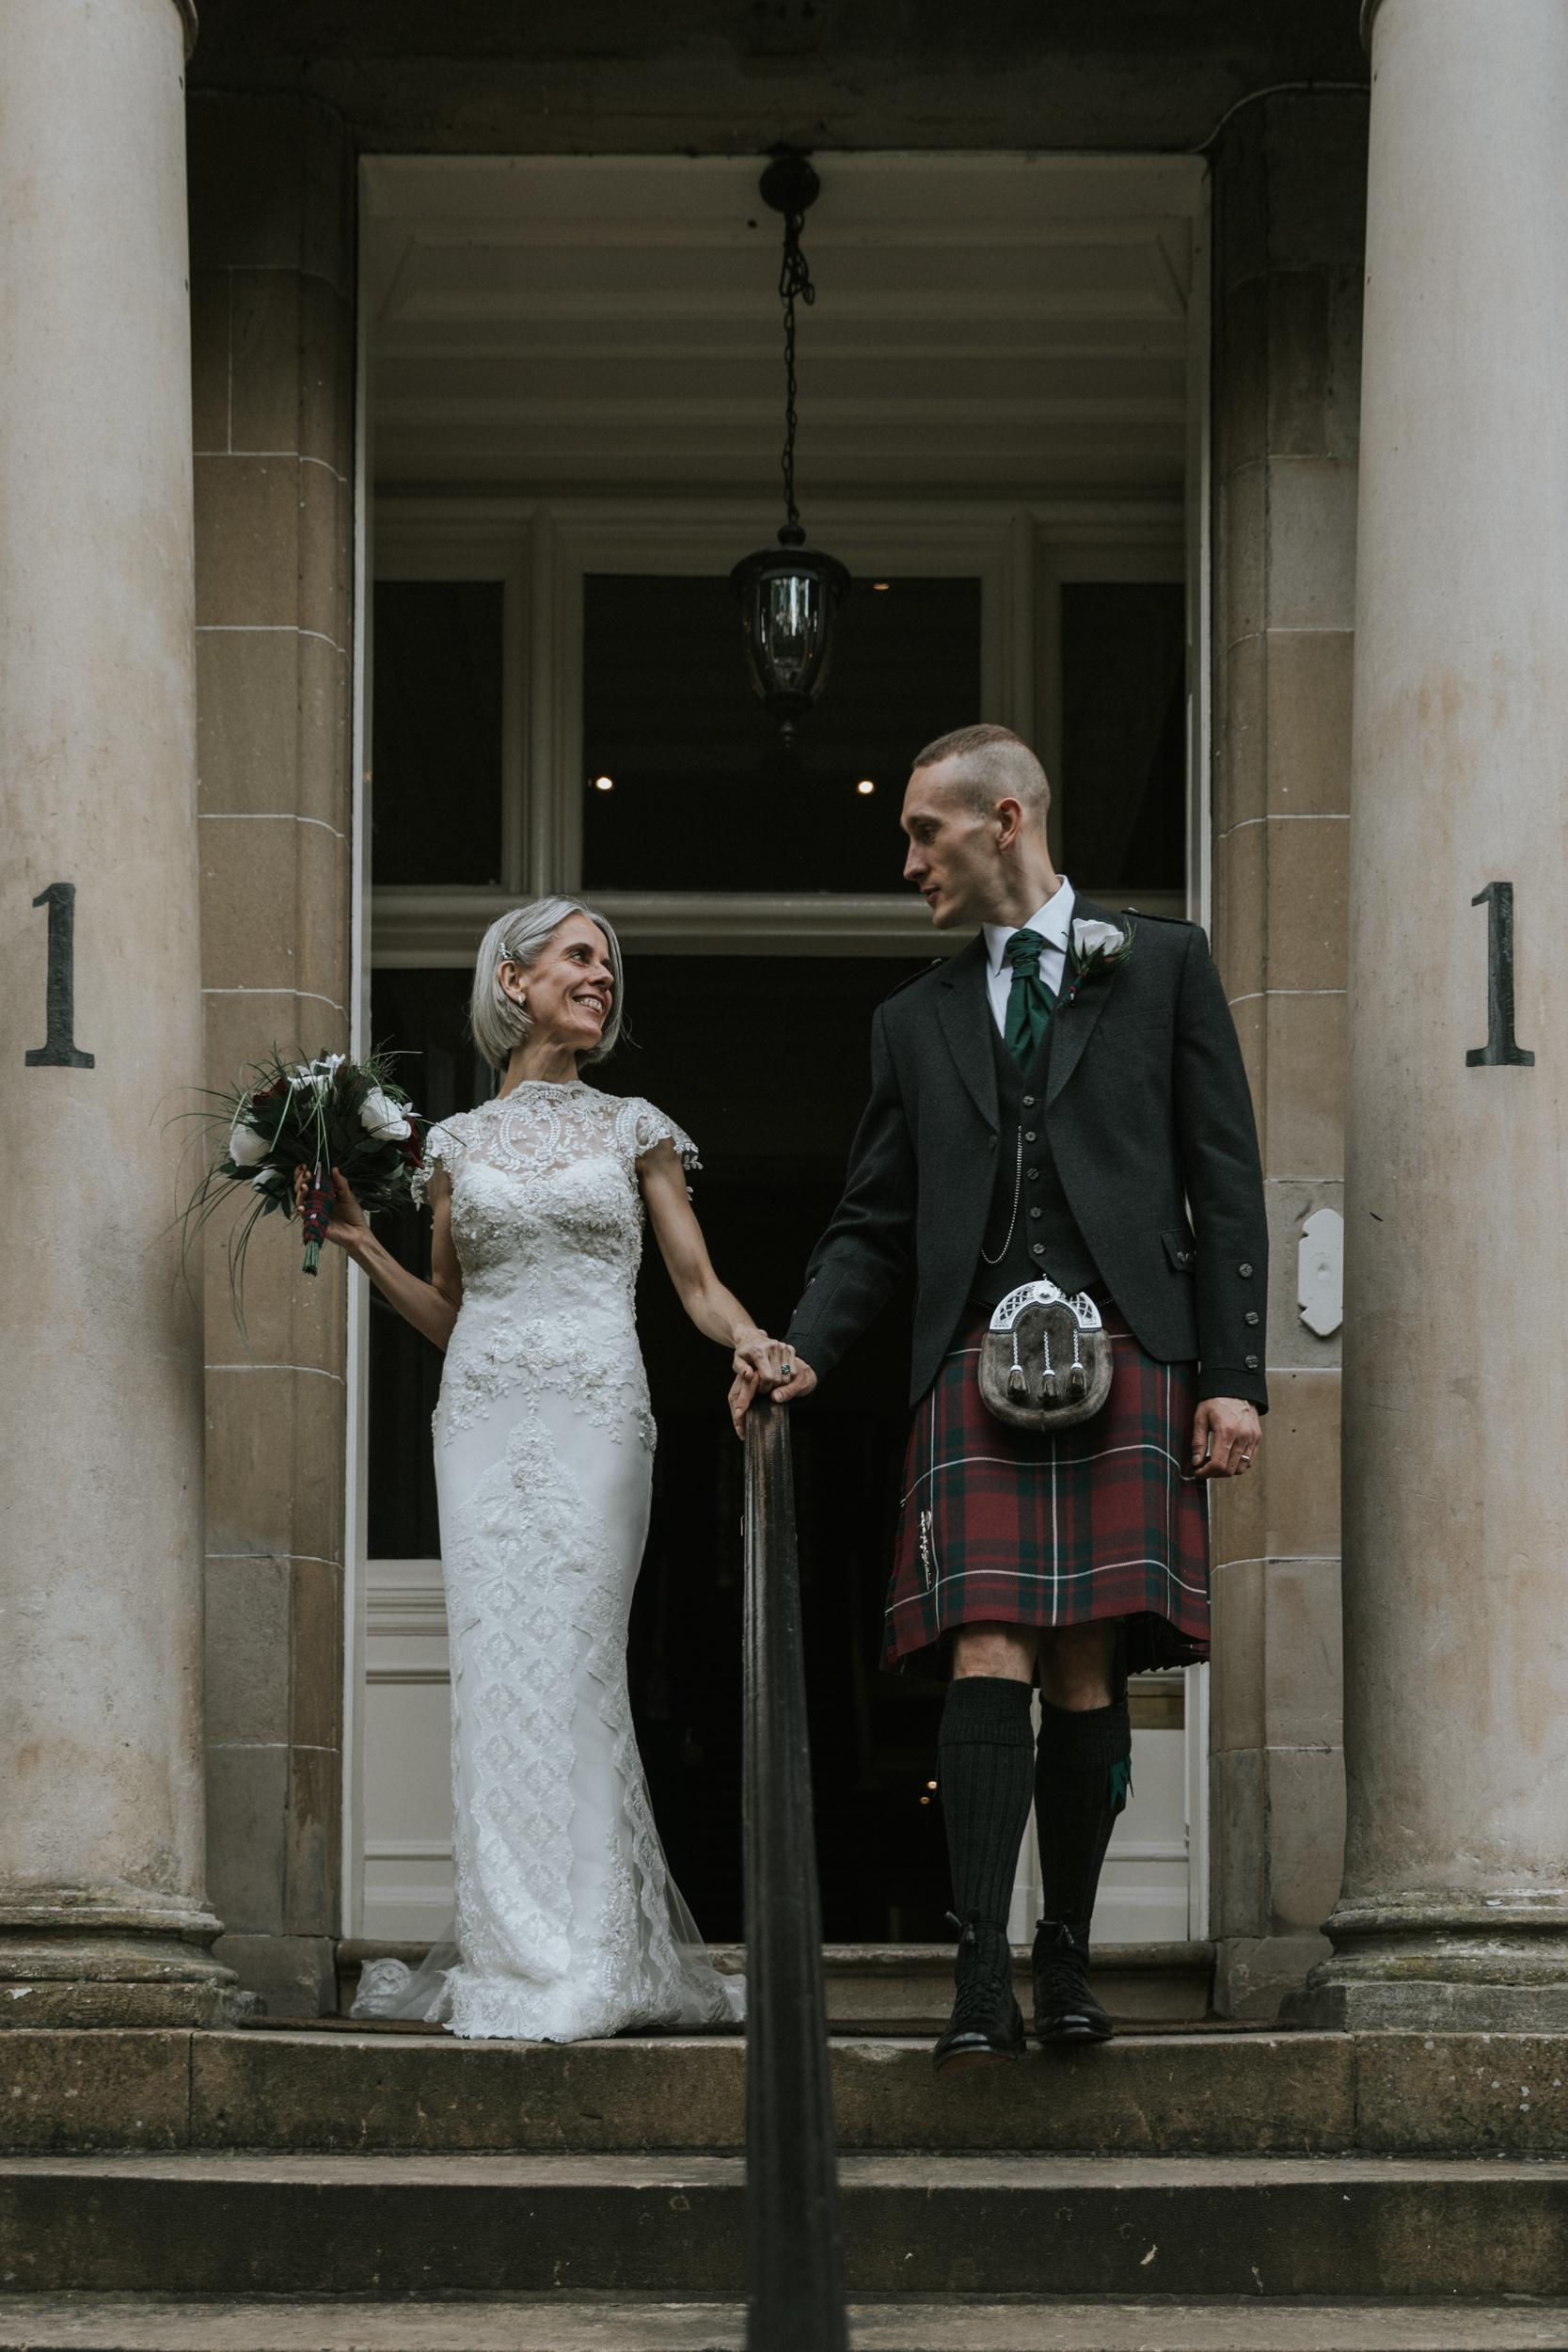 weddings-9135.jpg